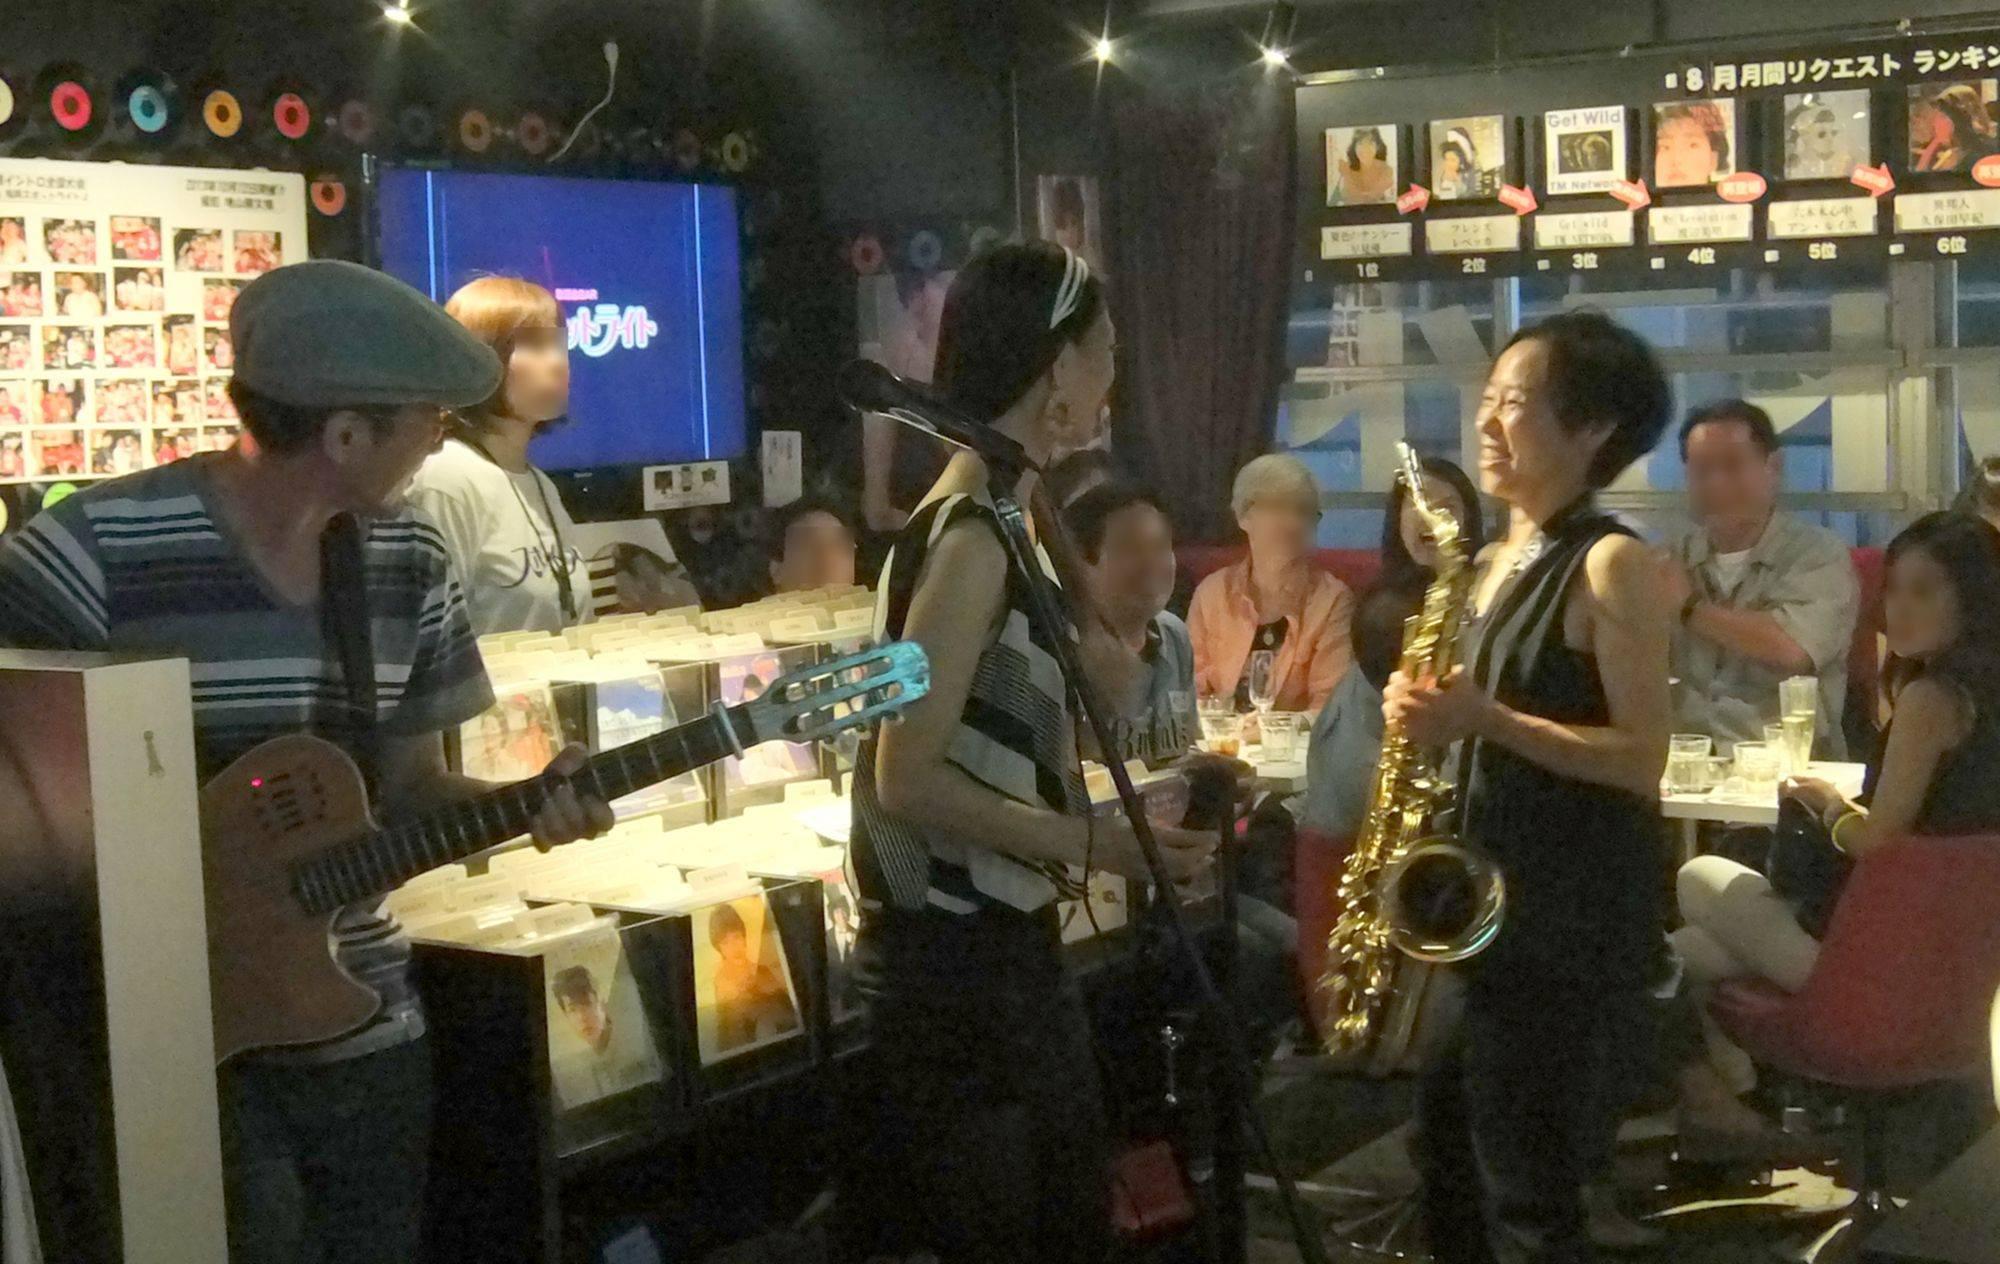 3周年記念日、お客さんで満タンのスポットライト。午後10時頃から約20分間、ミニライブを行いました。 曲目はナオミの夢、渋谷で5時、3年目の浮気、Winding Roadでした。 写真:Hirokazu Ishihara